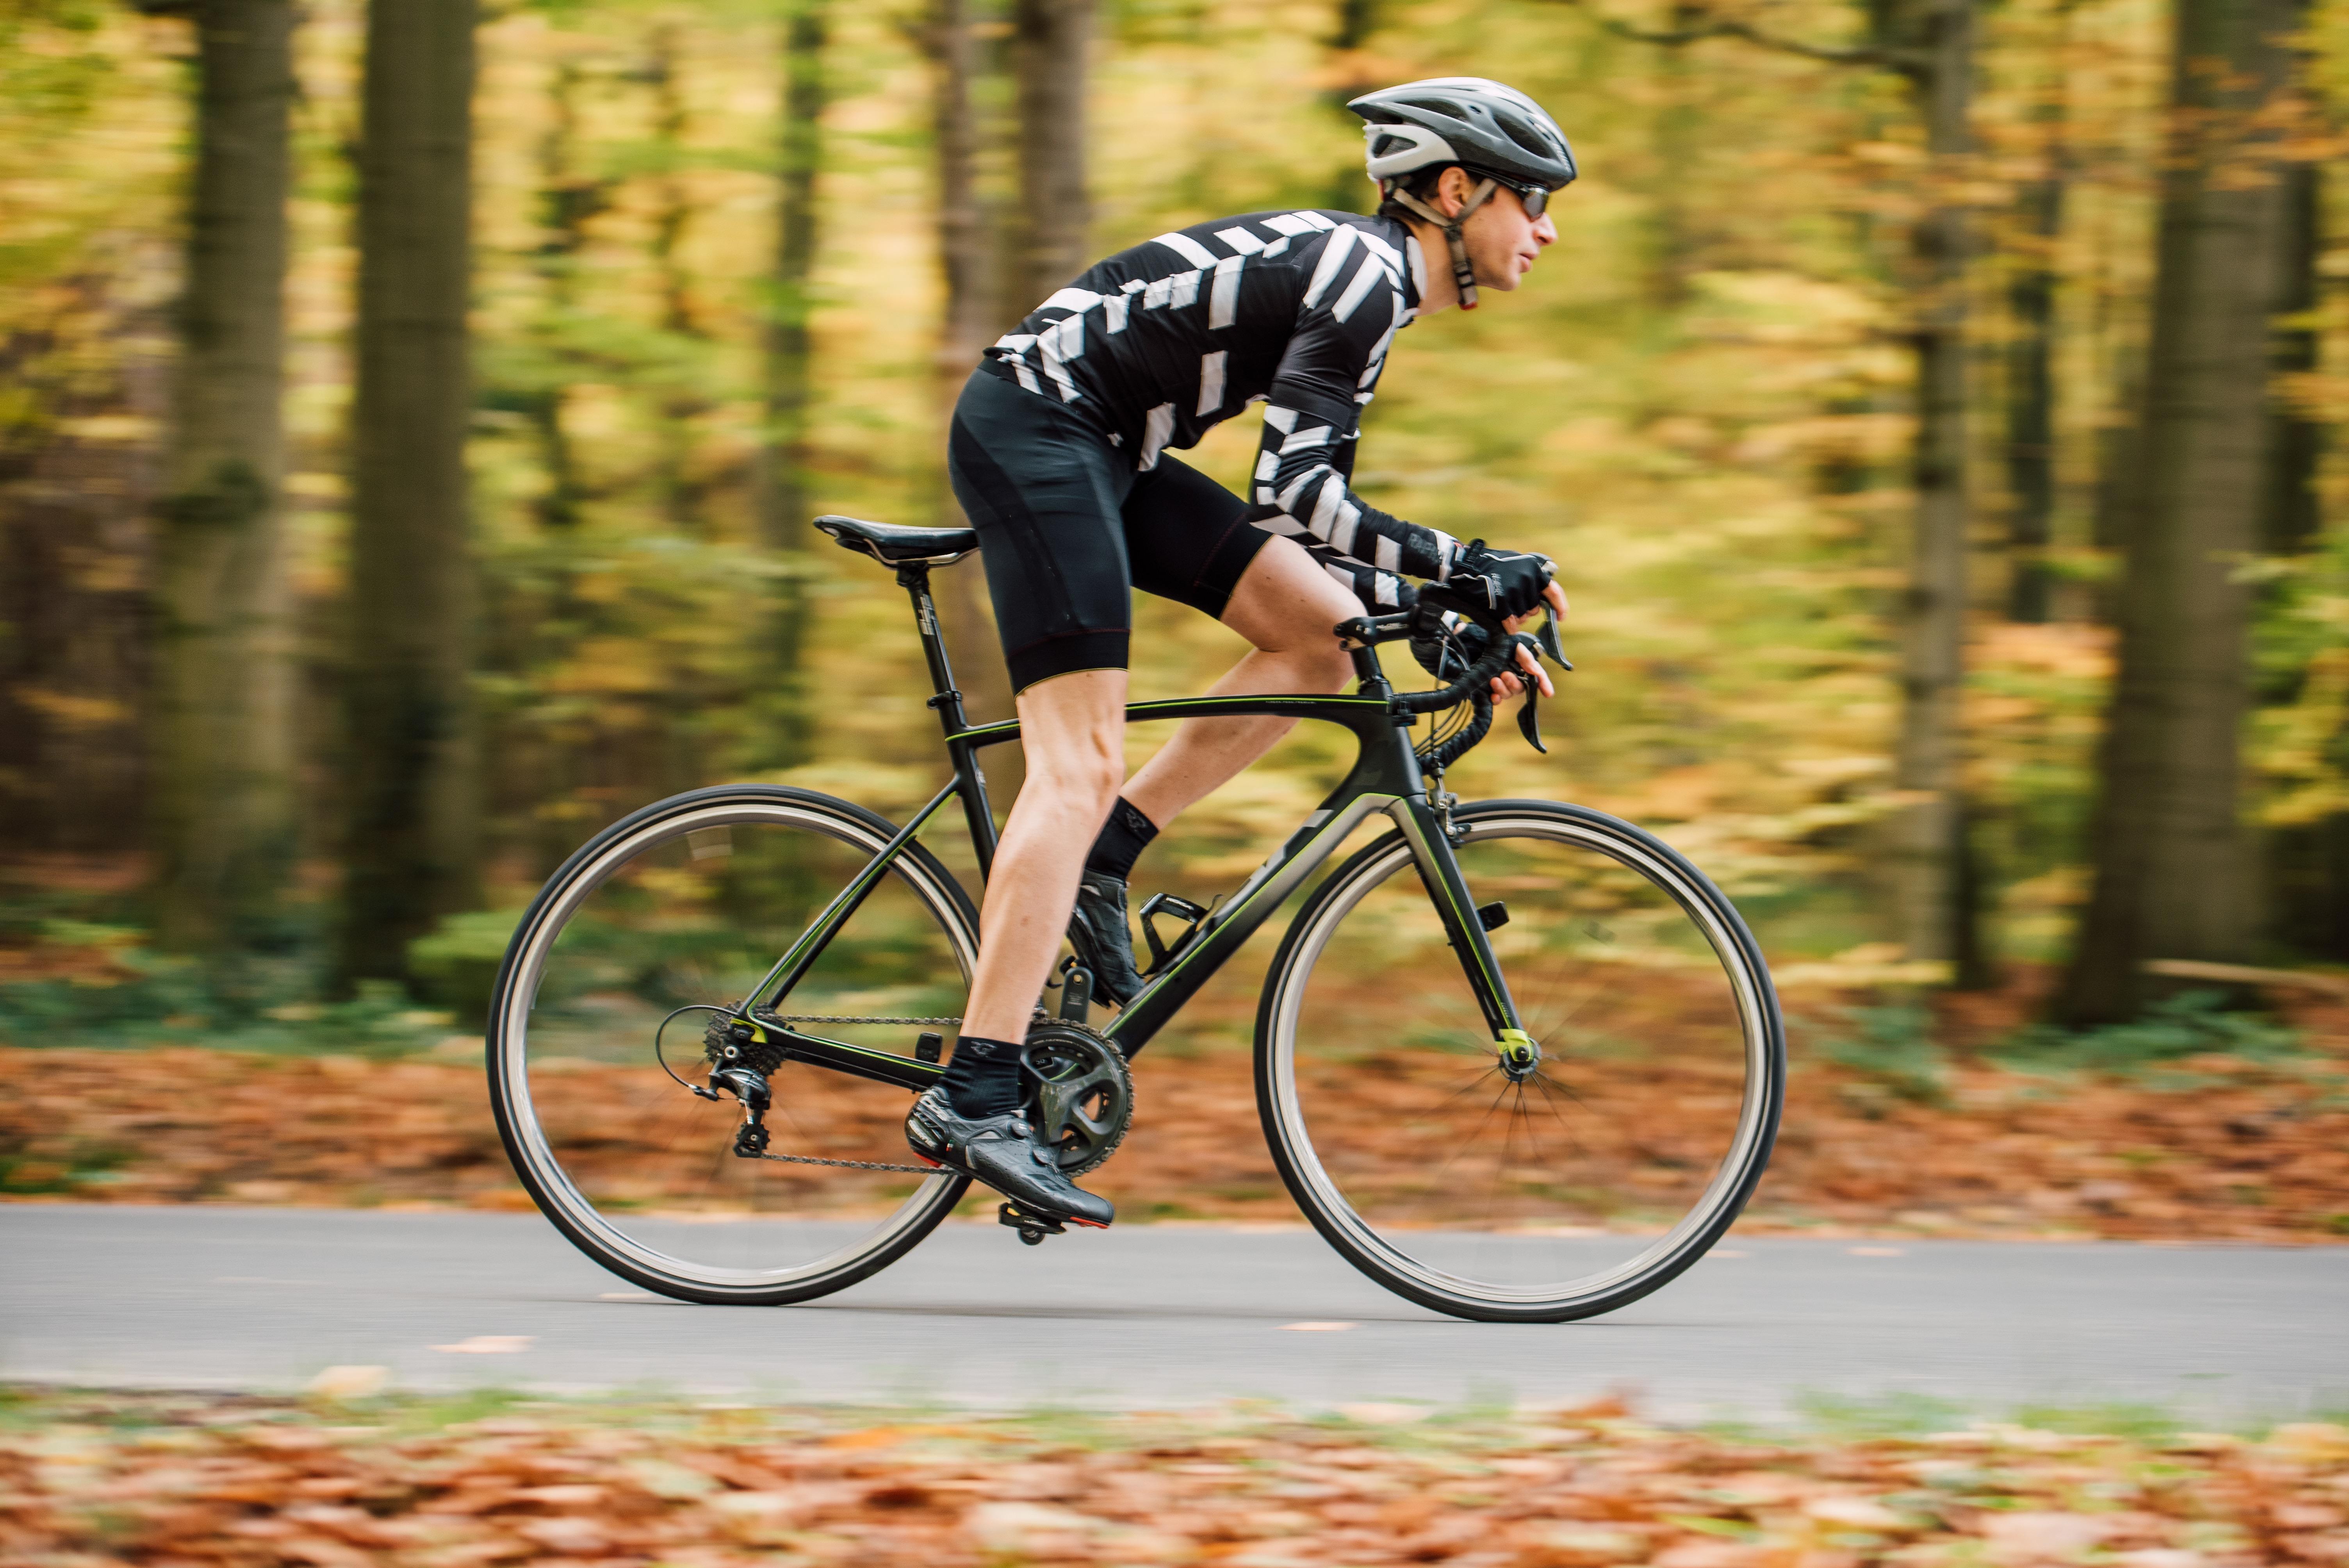 ロードバイク用ペダルのおすすめ10選!フラットやビンディングも